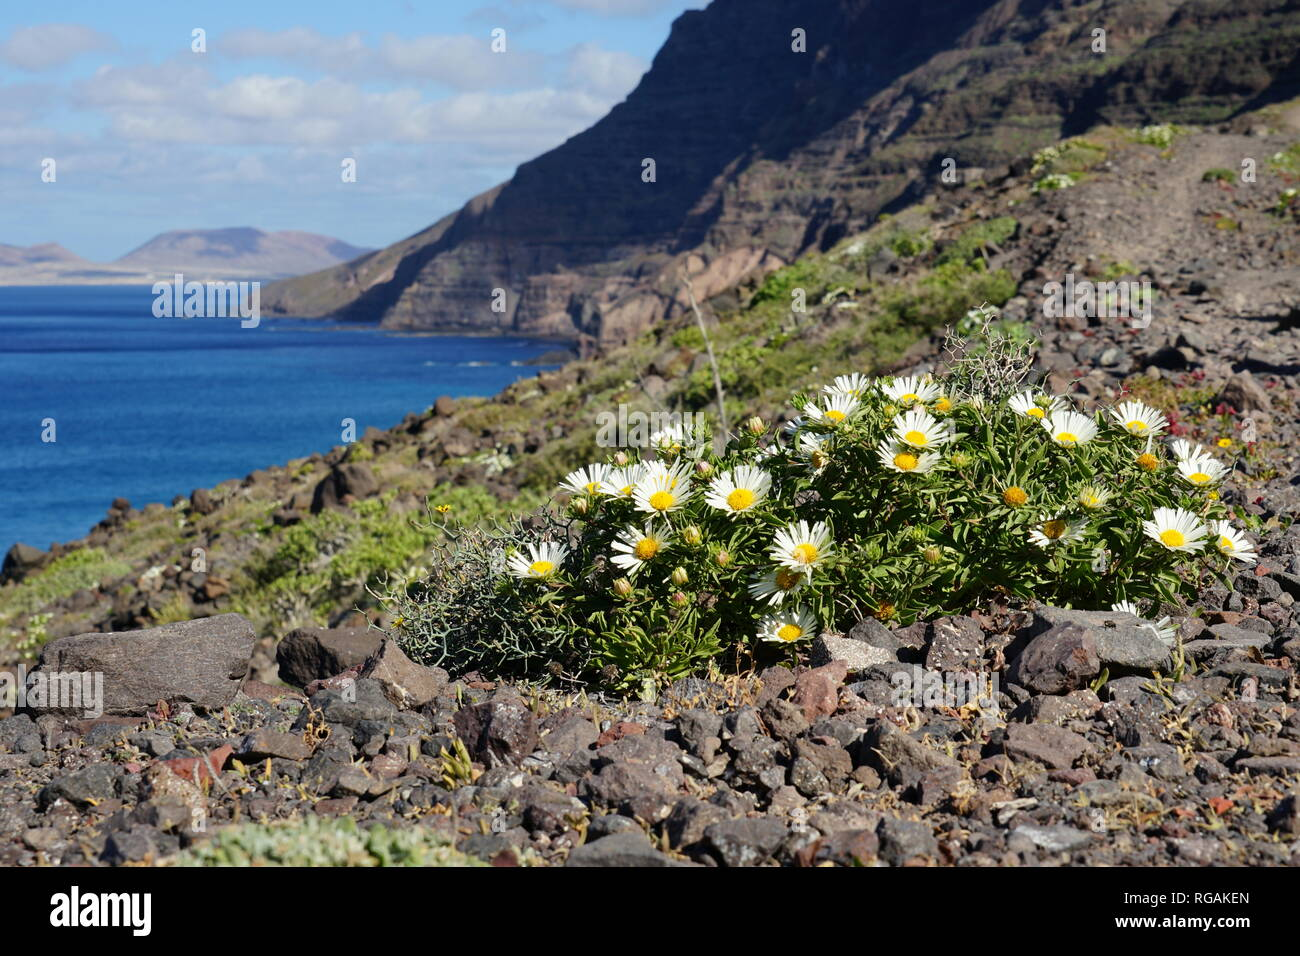 Asteriscus schultzii, Riscos de Famara, mit Blick nach La Graciosa, Lanzarote, Kanarische Inseln, Spanien Stockbild